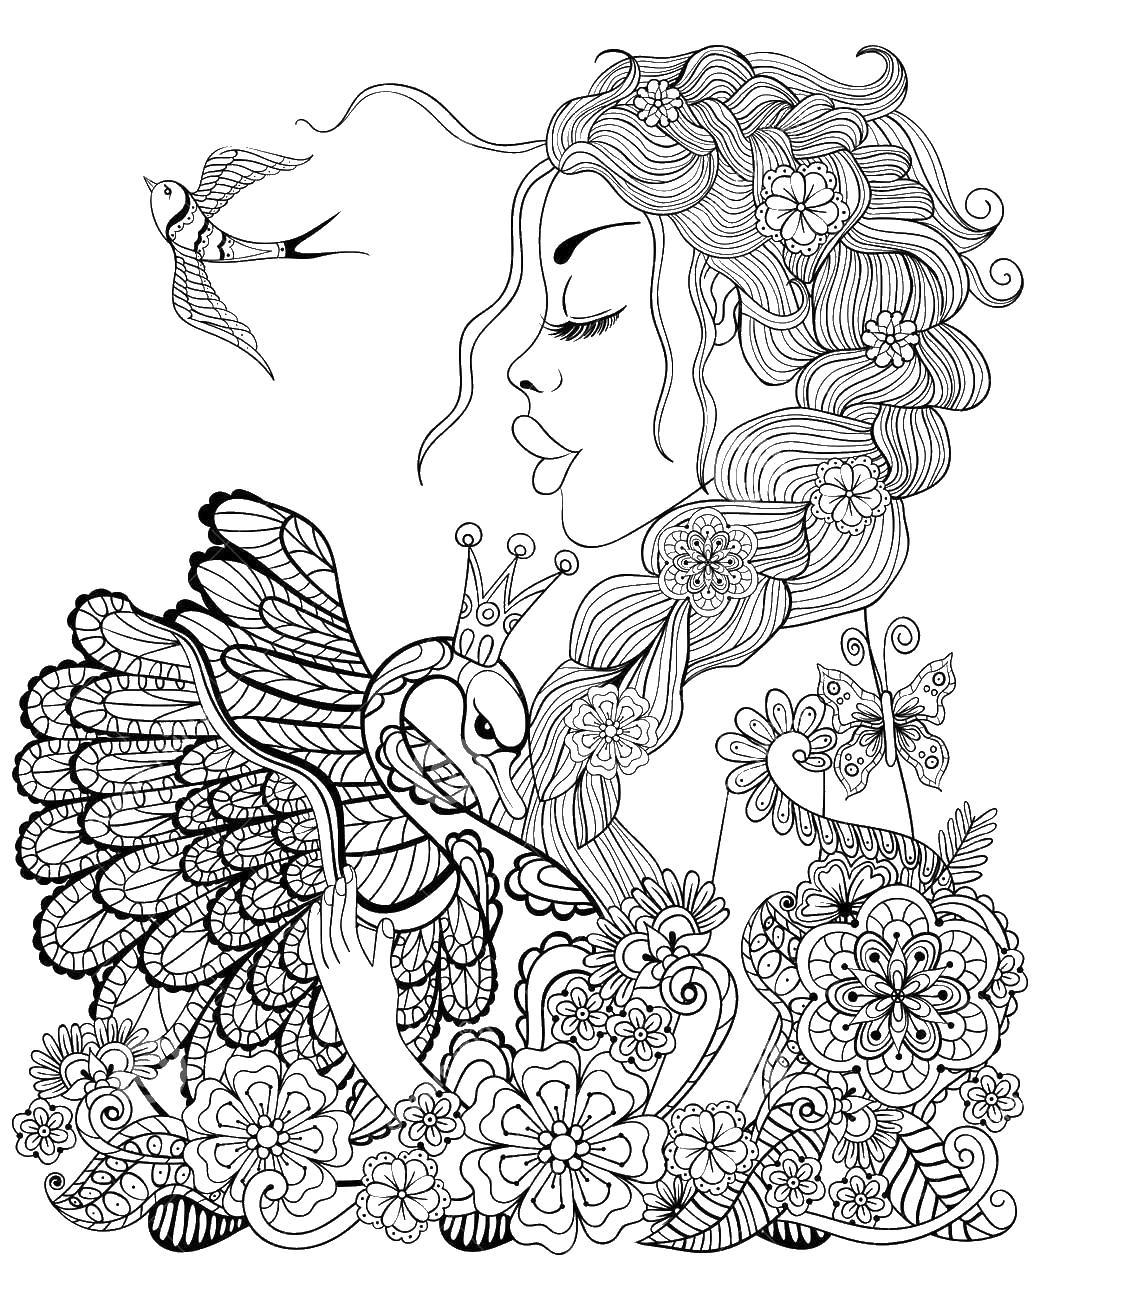 Лебедь девушка и птица Раскраски антистресс в хорошем качестве